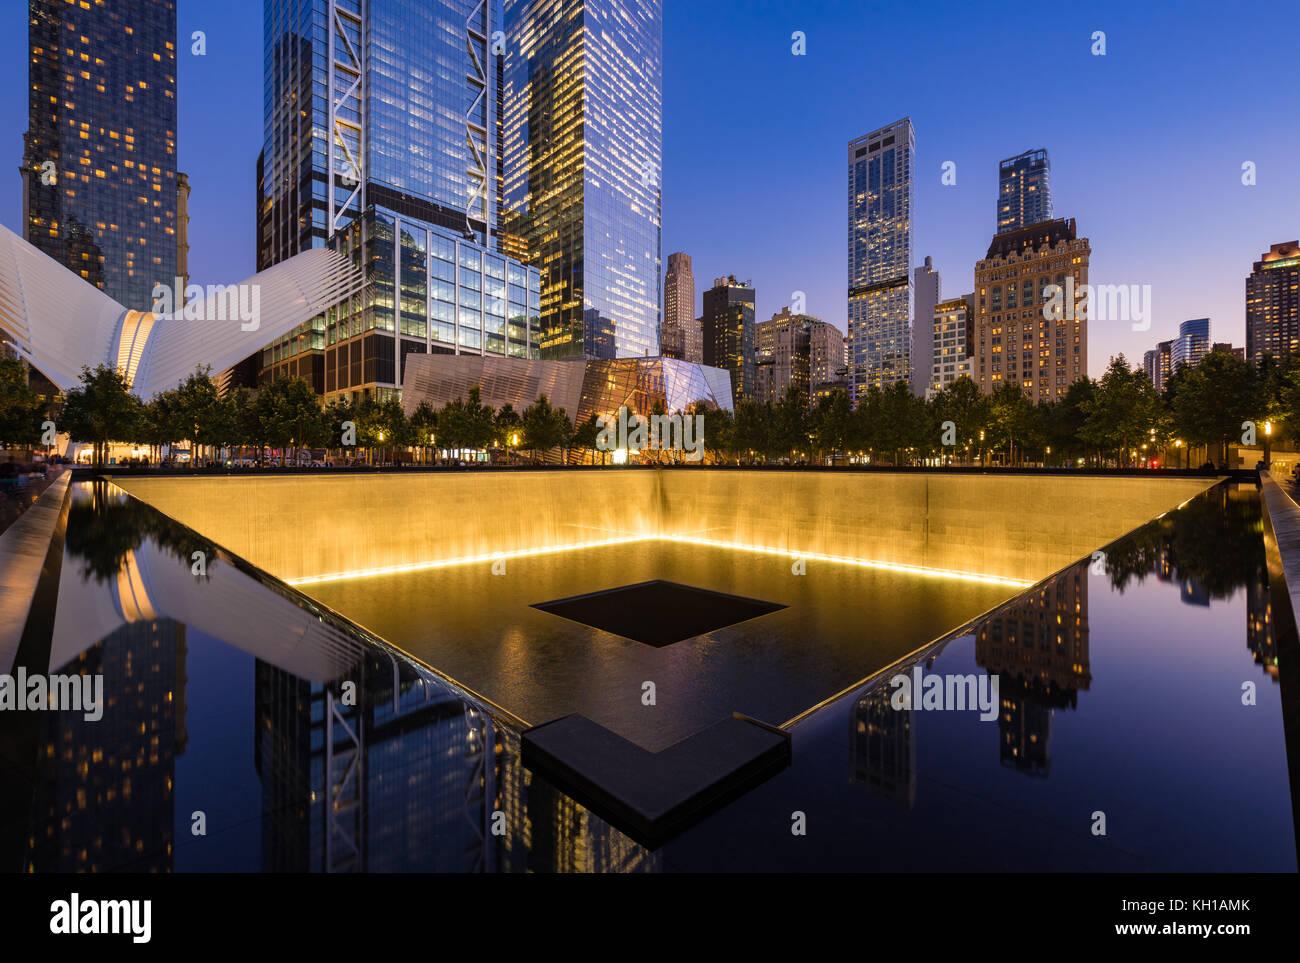 Il Nord Pool riflettente illuminato al crepuscolo con vista del World Trade Center Torre 3 e 4 e l'occhio. La Immagini Stock